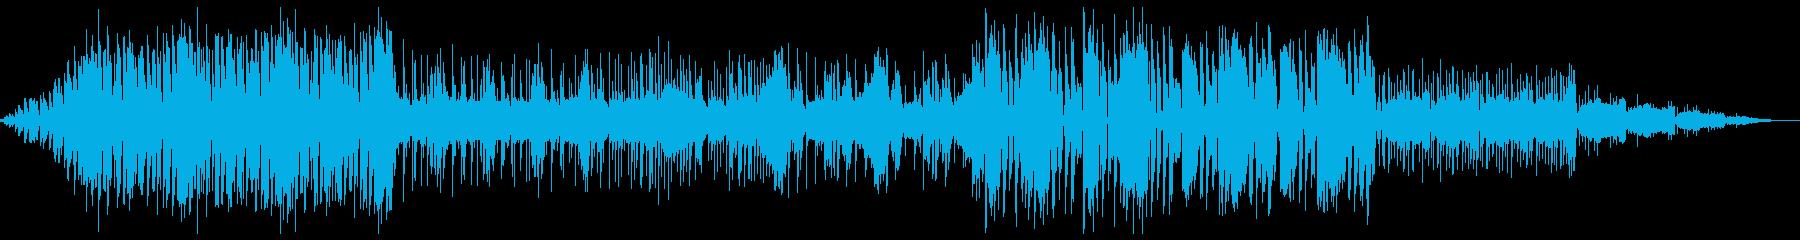 インダストリアルなグライムの再生済みの波形